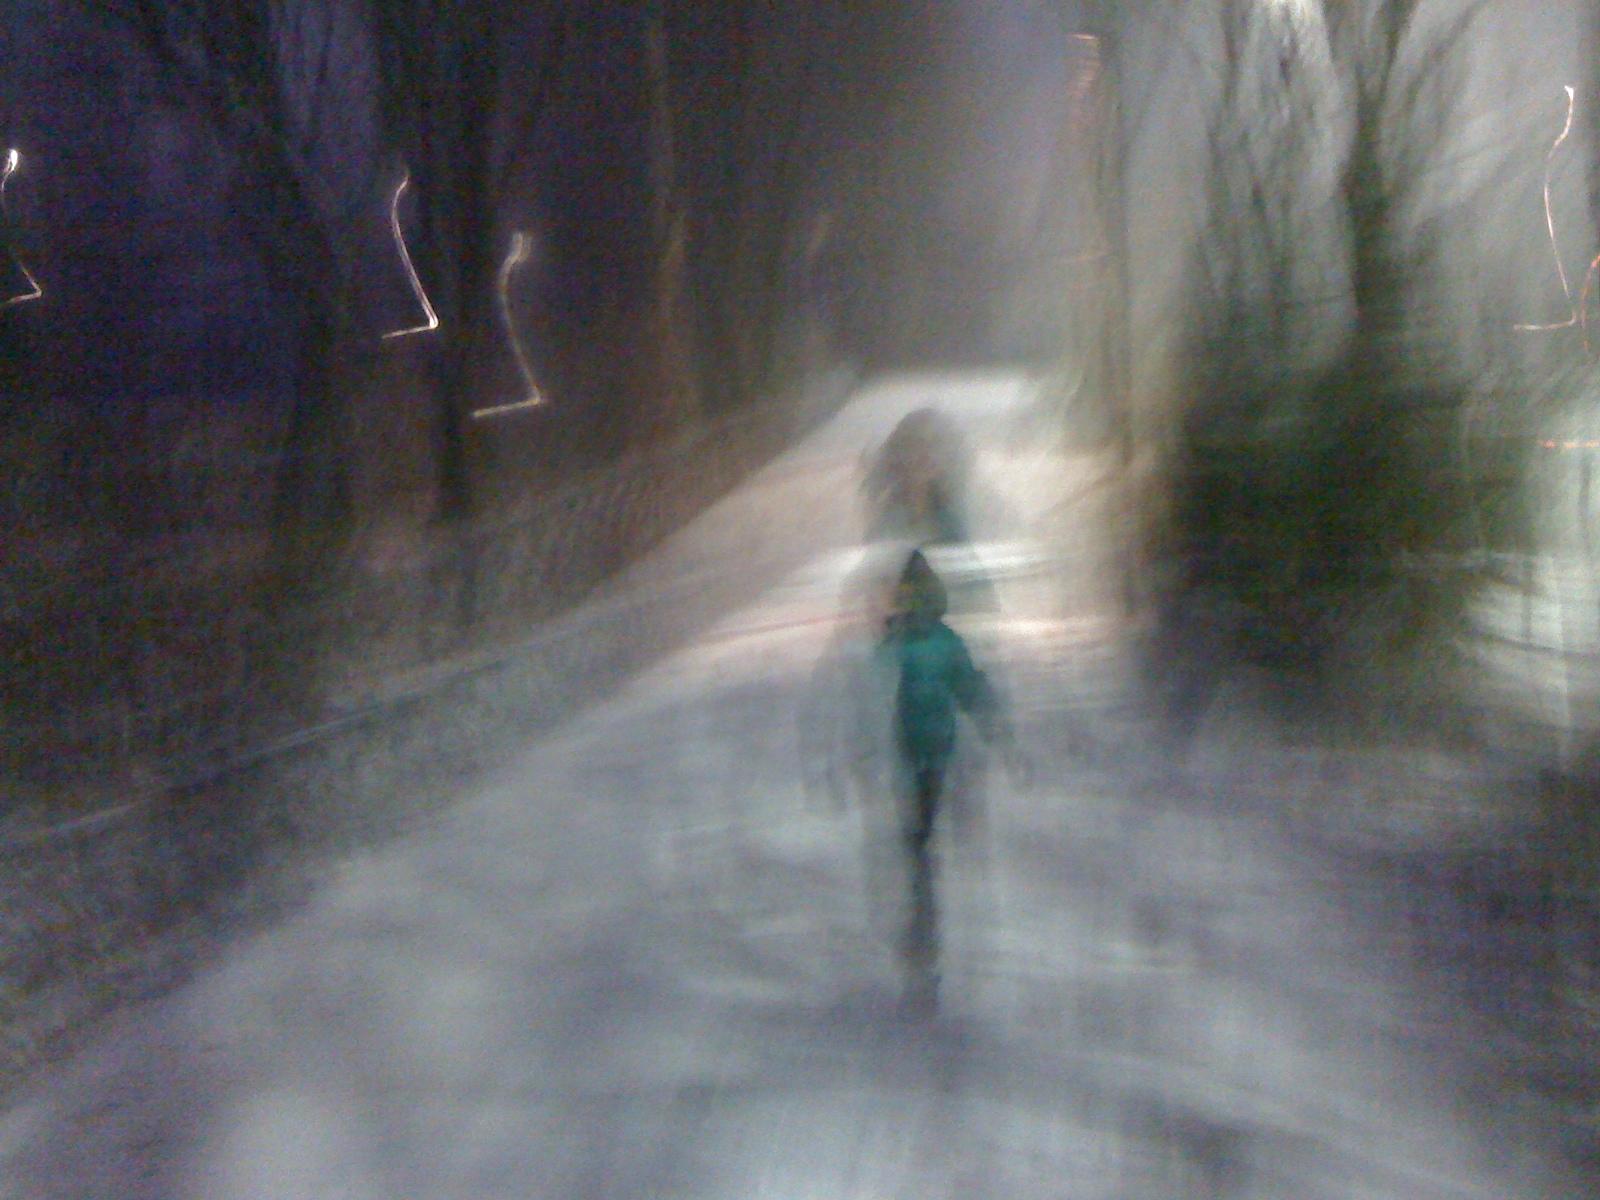 Wordt achterna gezet door sneeuwbal gooiende jongen